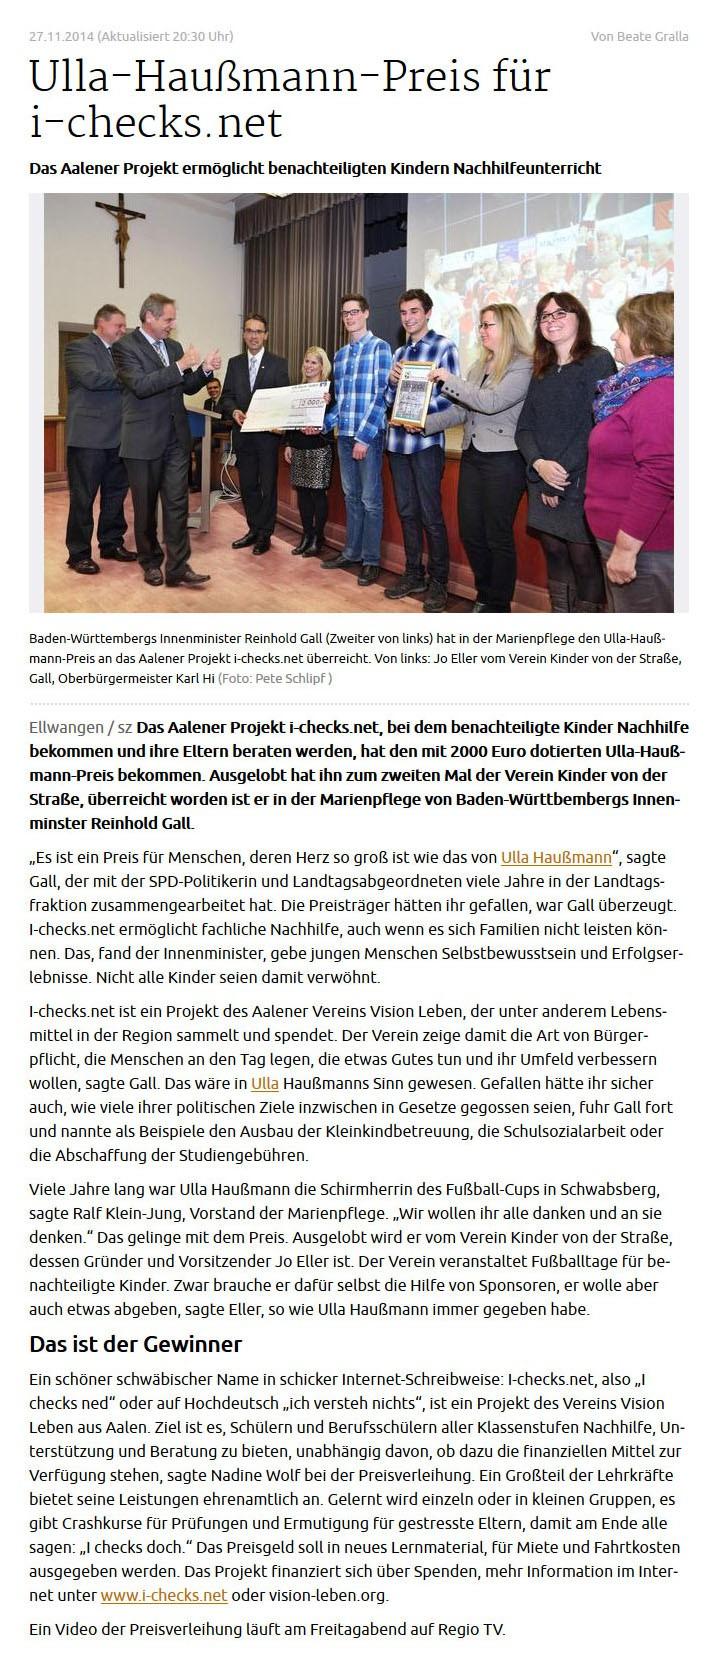 schwaebischede vom 27112014 - Bild 1 - Datum: 06.12.2014 - Tags: Pressebericht, Ulla Haußmann Gedächtnispreis, AKTION FUSSBALLTAG e.V.